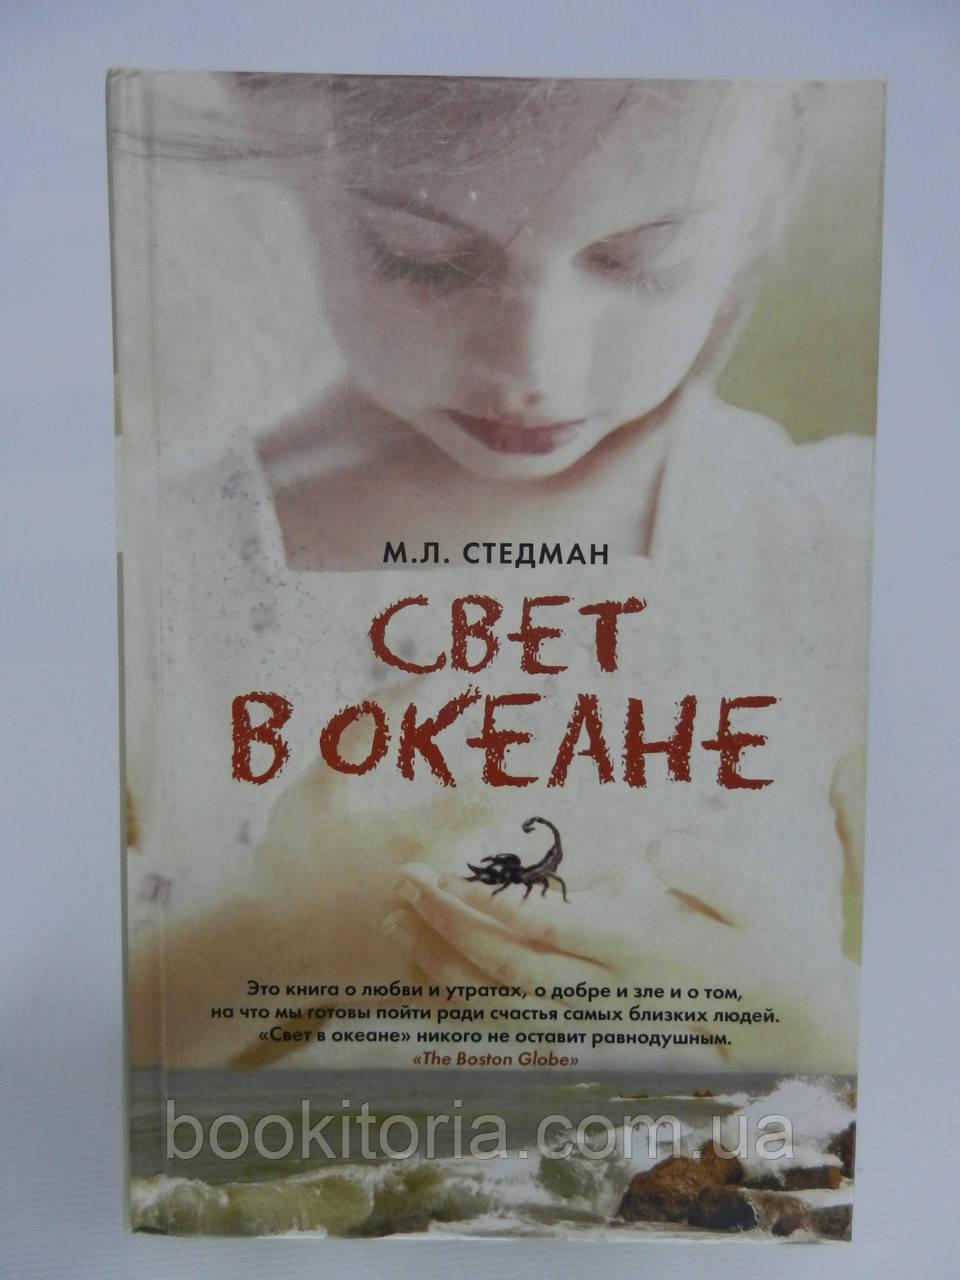 СВЕТ В ОКЕАНЕ Л.М.СТЕДМАН СКАЧАТЬ БЕСПЛАТНО